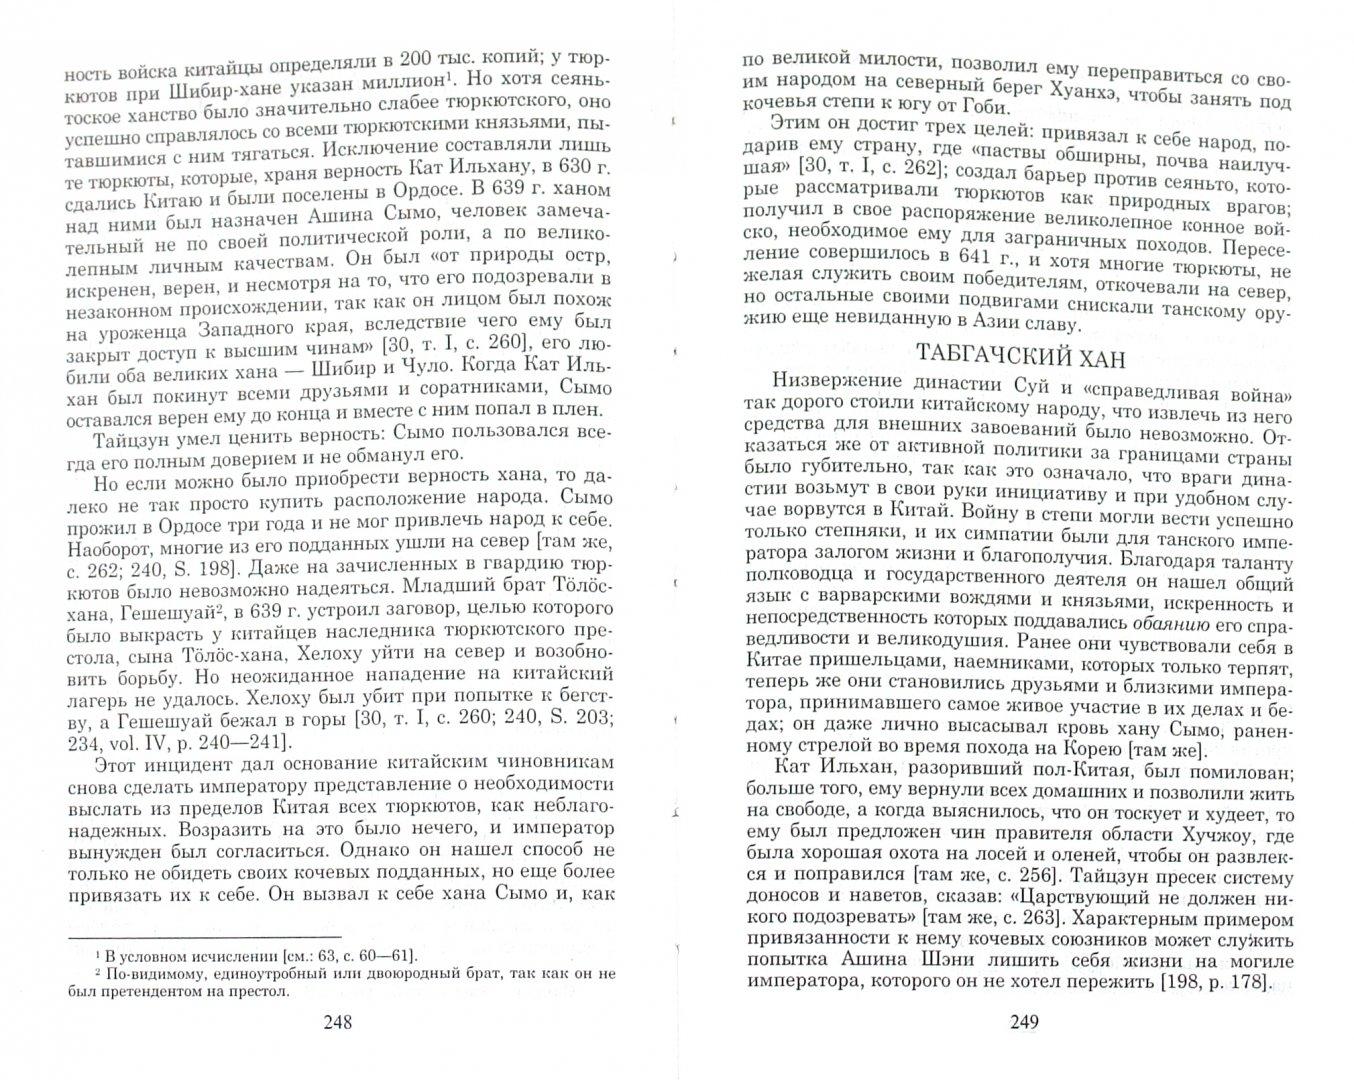 Иллюстрация 1 из 15 для Древние тюрки - Лев Гумилев | Лабиринт - книги. Источник: Лабиринт